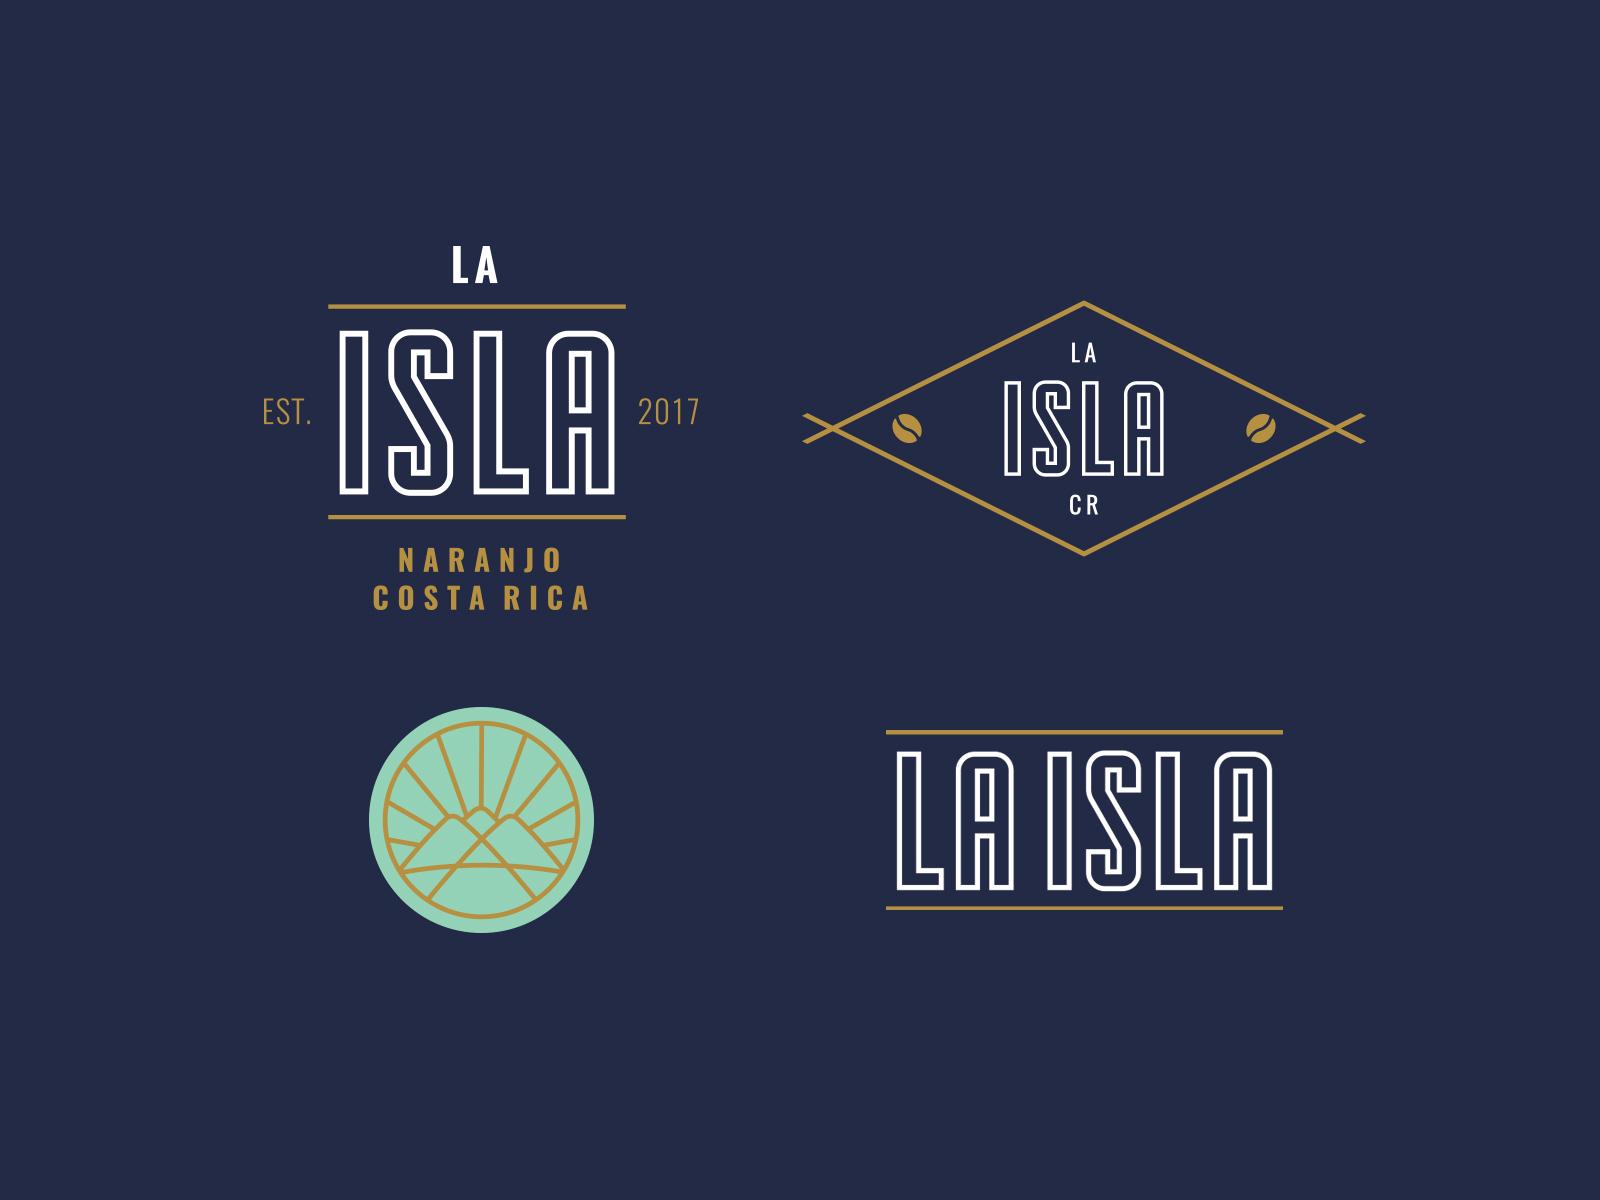 La isla 02